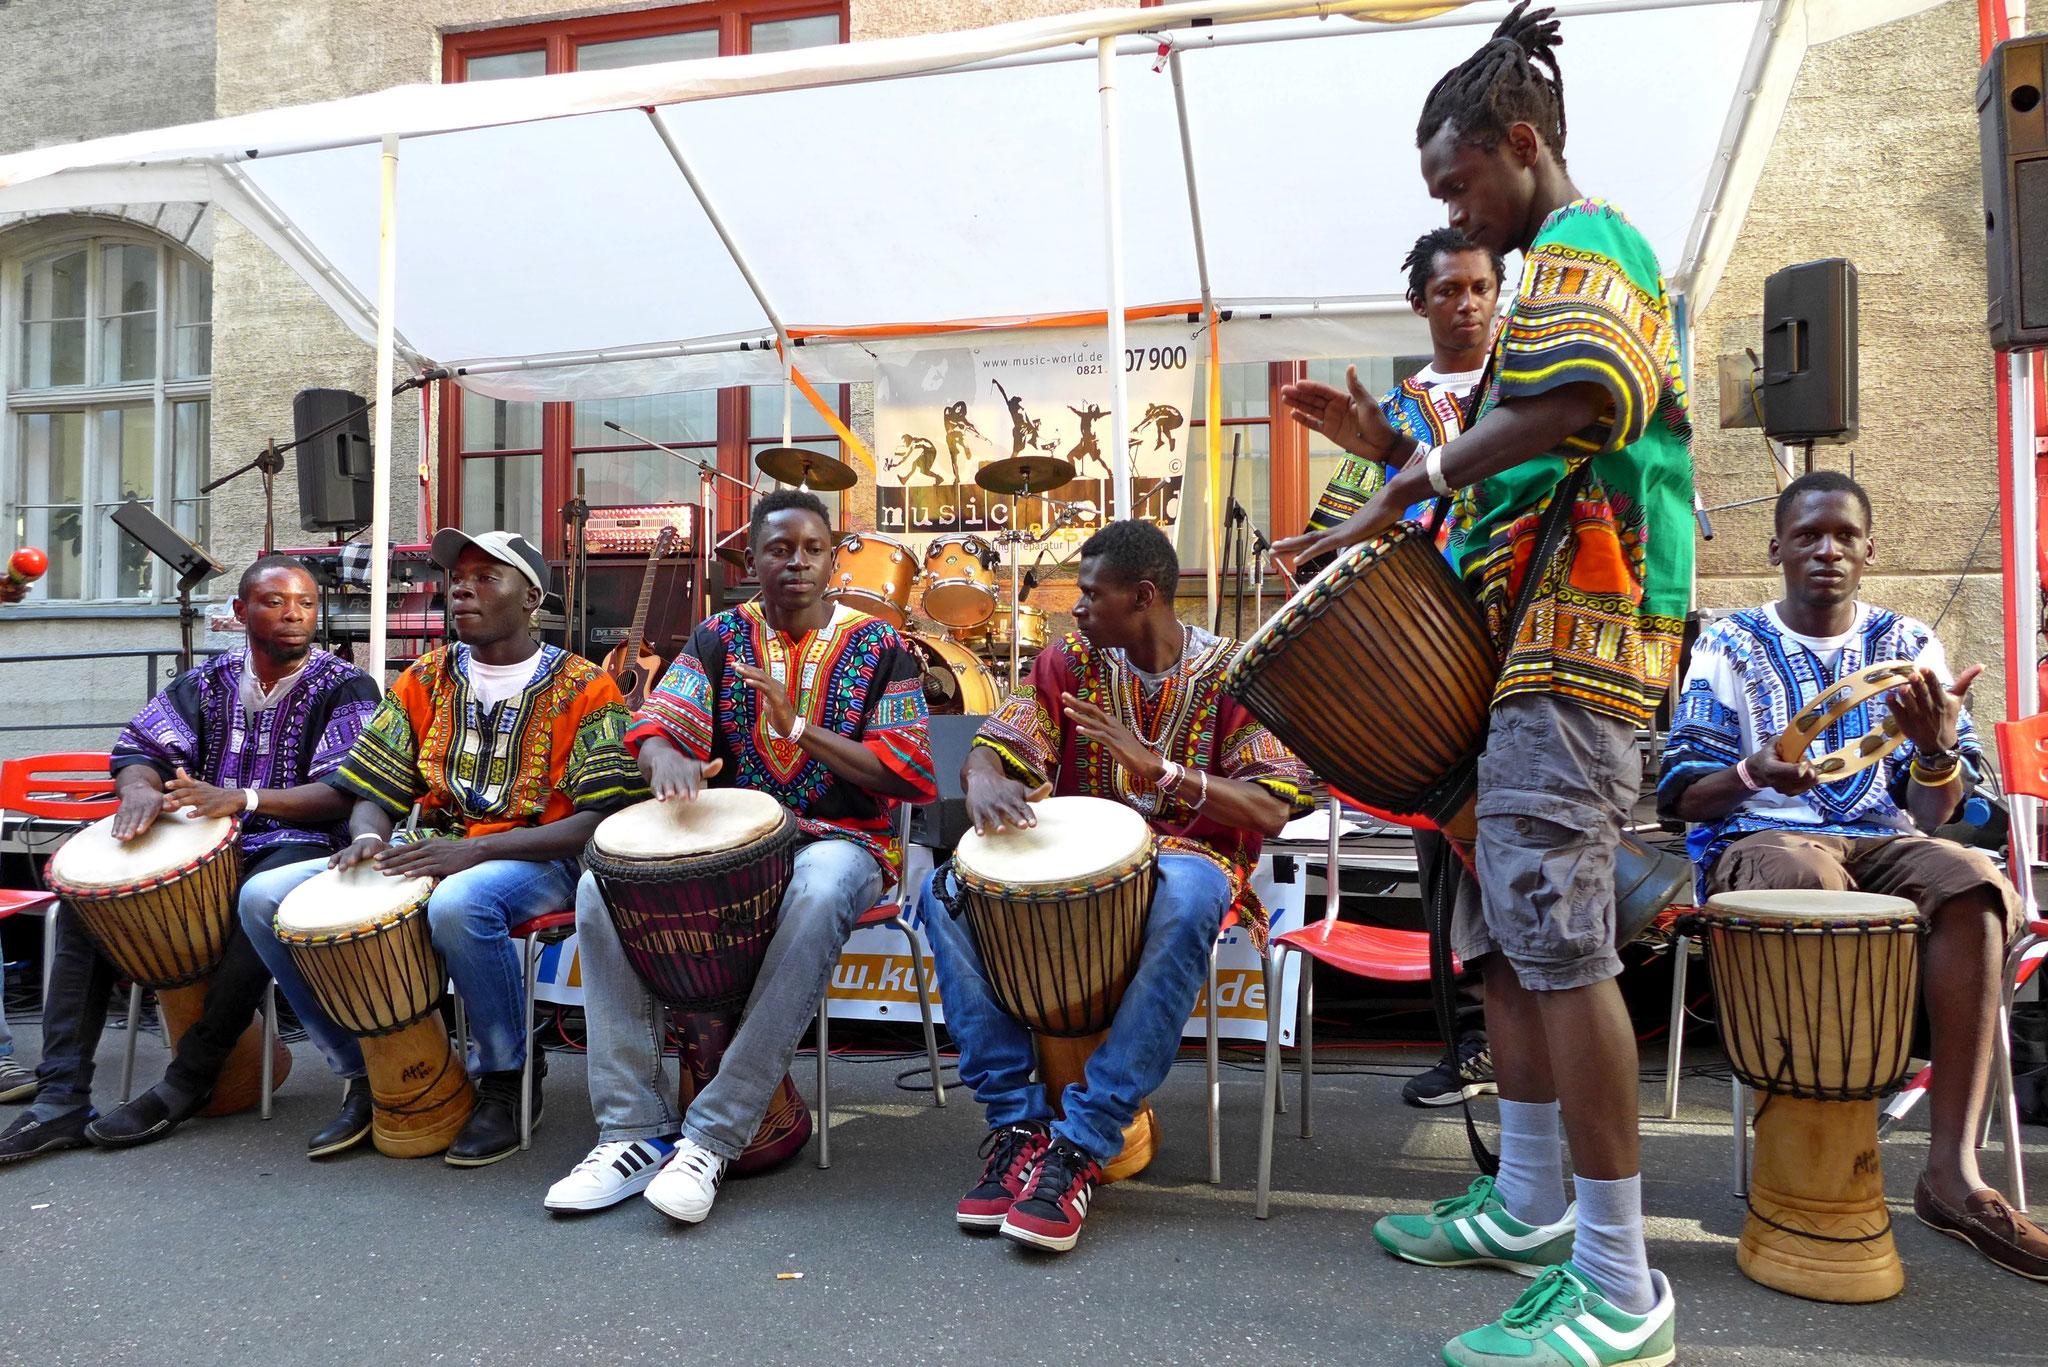 Konzerte im Bürgerhof 03.07.15 Africans - Freiwilligen-Zentrum Augsburg - Foto: Christoph Urban